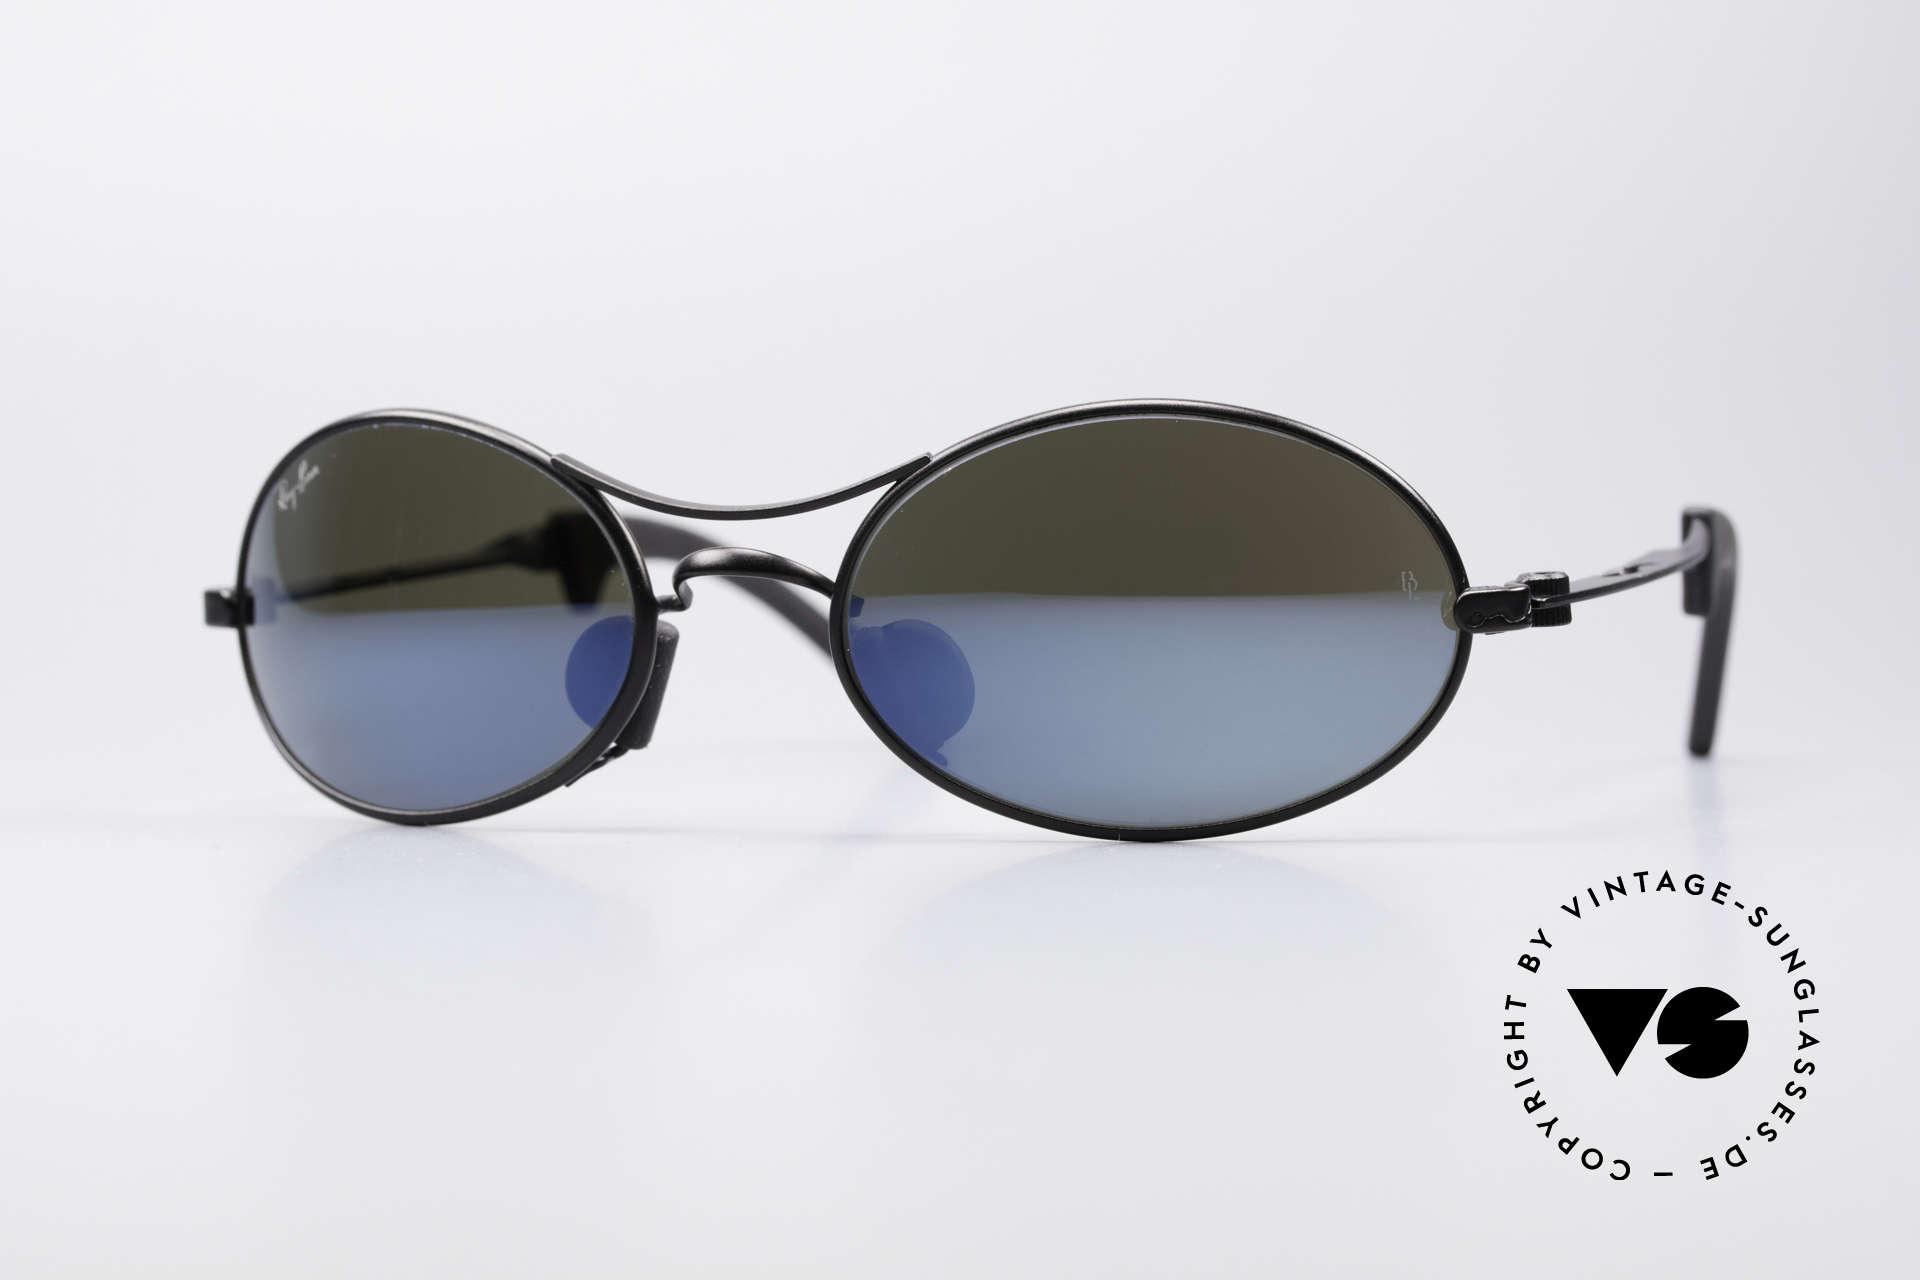 Ray Ban Orbs 9 Base Oval Blue Mirror B&L USA Brille, futuristische Sportbrille von Ray Ban - perfekter Sitz, Passend für Herren